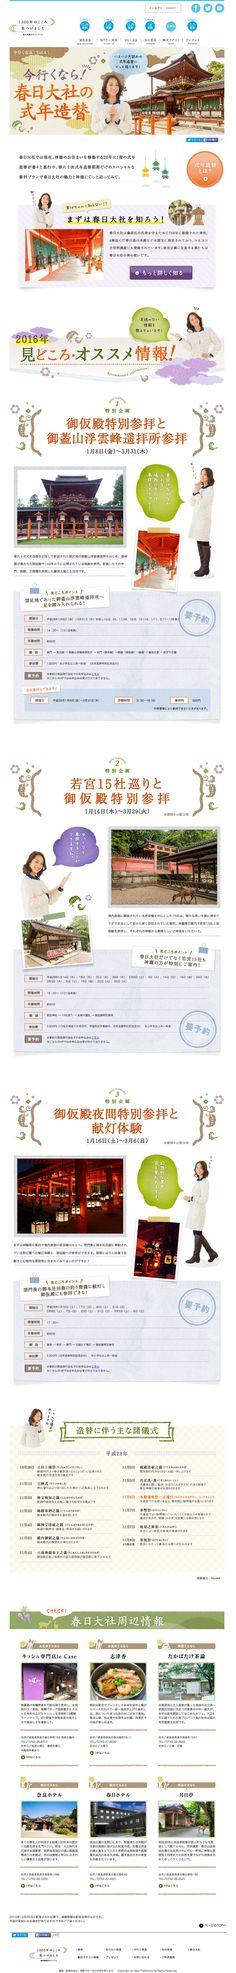 春日大社の式年造替特集/奈良県観光キャンペーンサイト - 細かいところまで作り込んであるかわいい和風?アジアン?なデザイン|webdesign, design, japanese, campaign